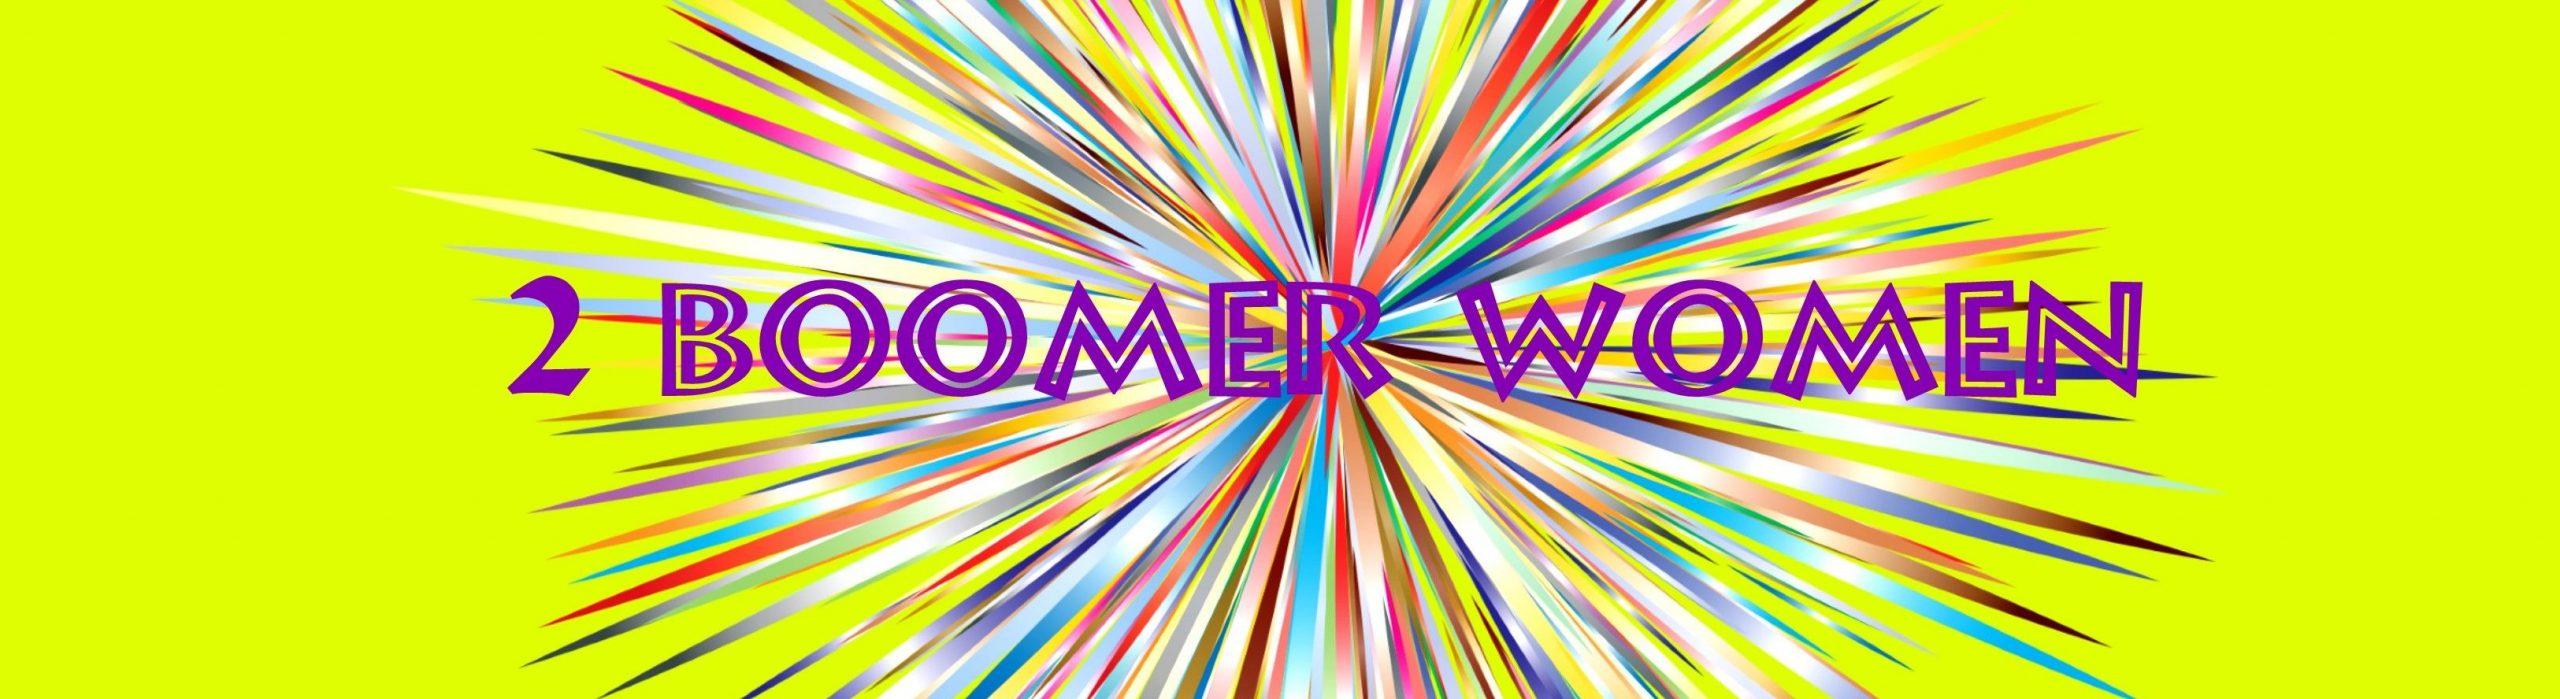 Boomer Women